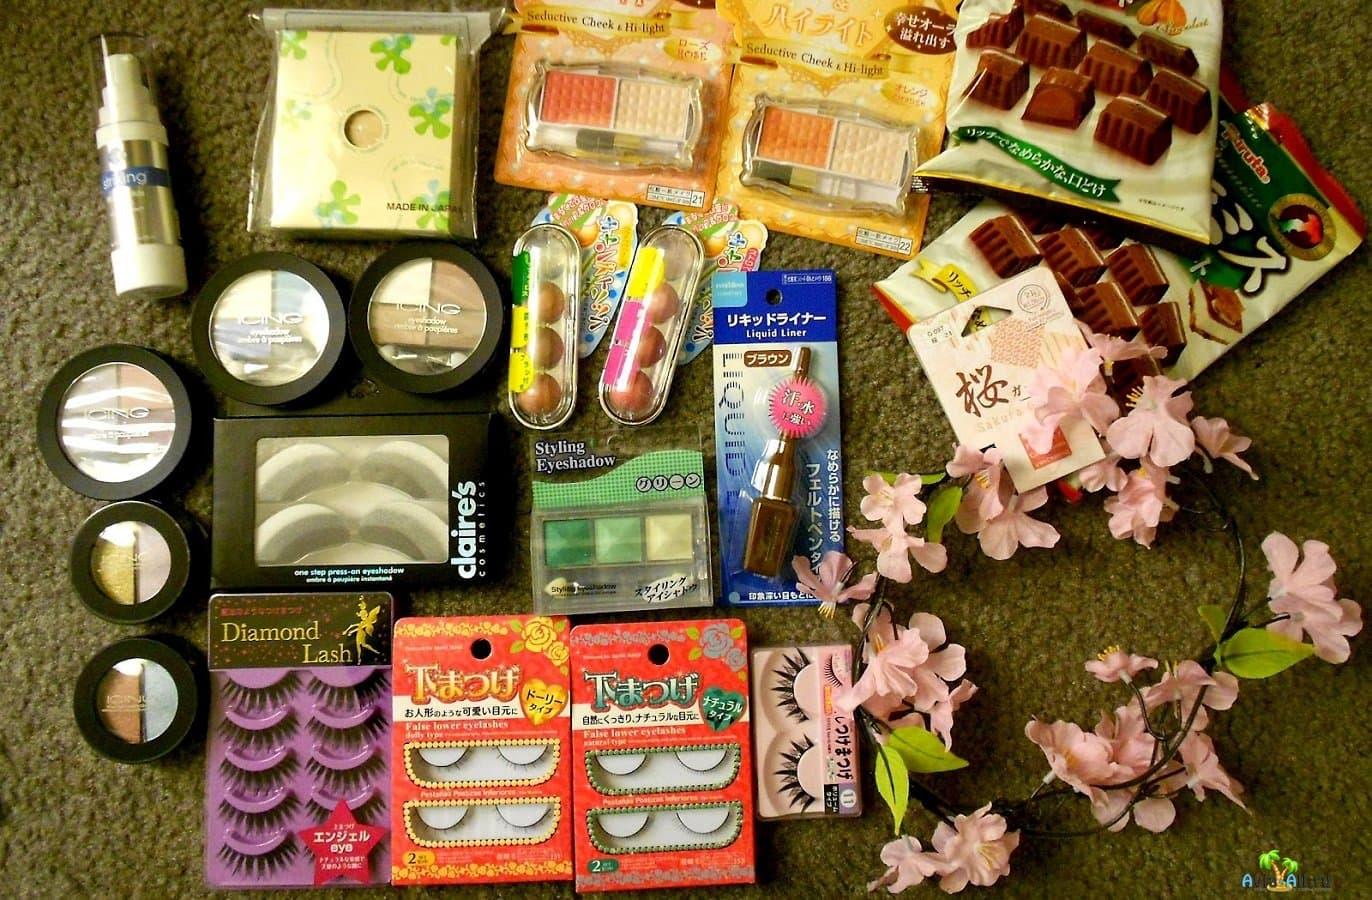 Лекарства и косметика из тайланда купить купить в украине косметику виши